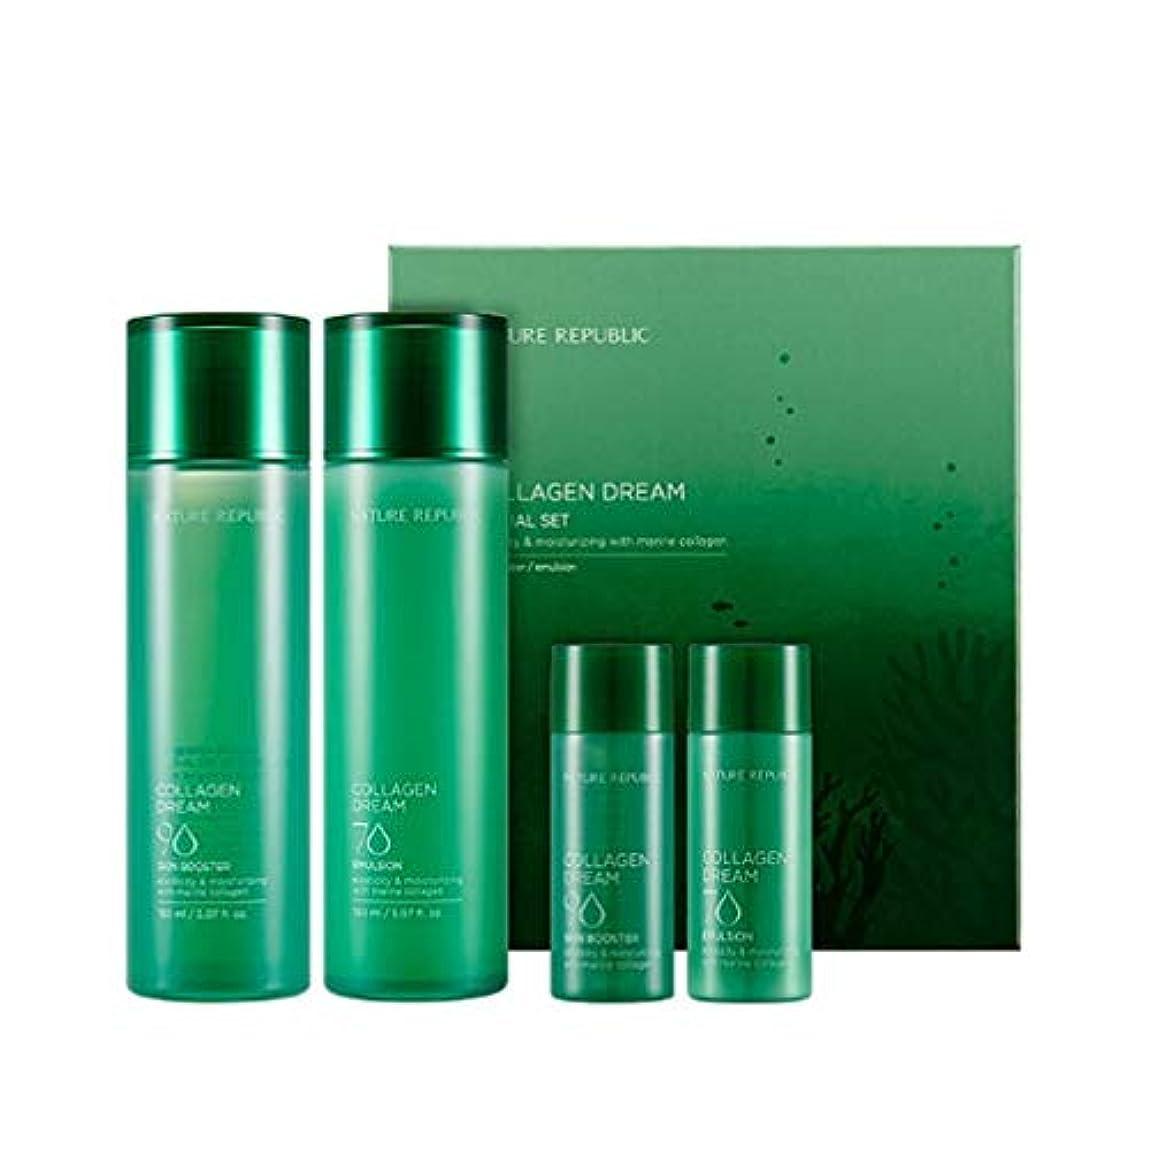 ベスト旋回フラスコネイチャーリパブリックコラーゲンドリームスキンブースターエマルジョンセットシワ改善韓国コスメ、Nature Republic Collagen Dream Skin Booster Emulsion Set Korean...